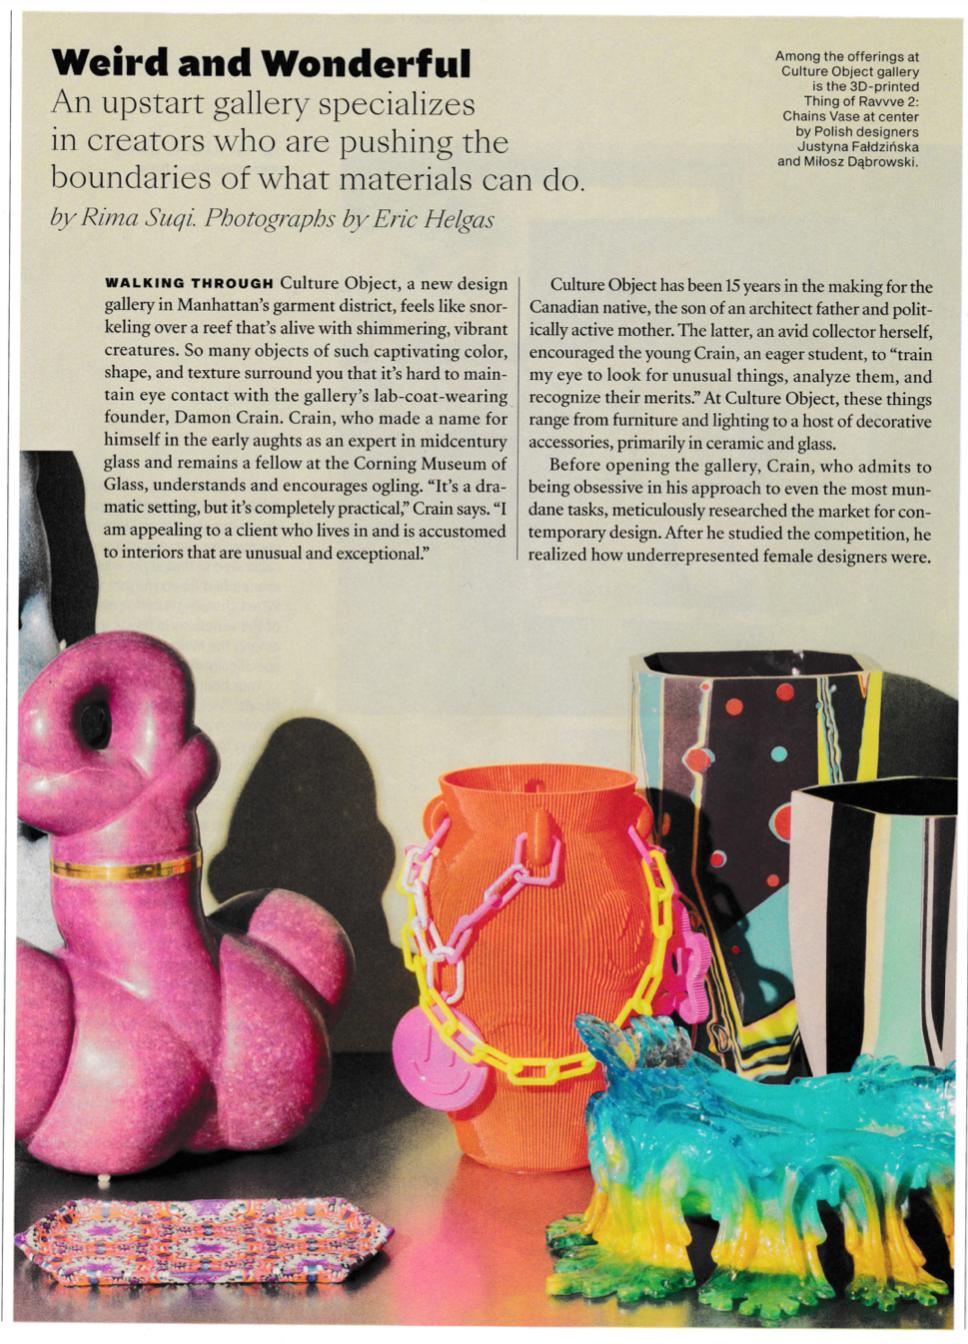 Culture Object showroom, Rima Suqi, Departures